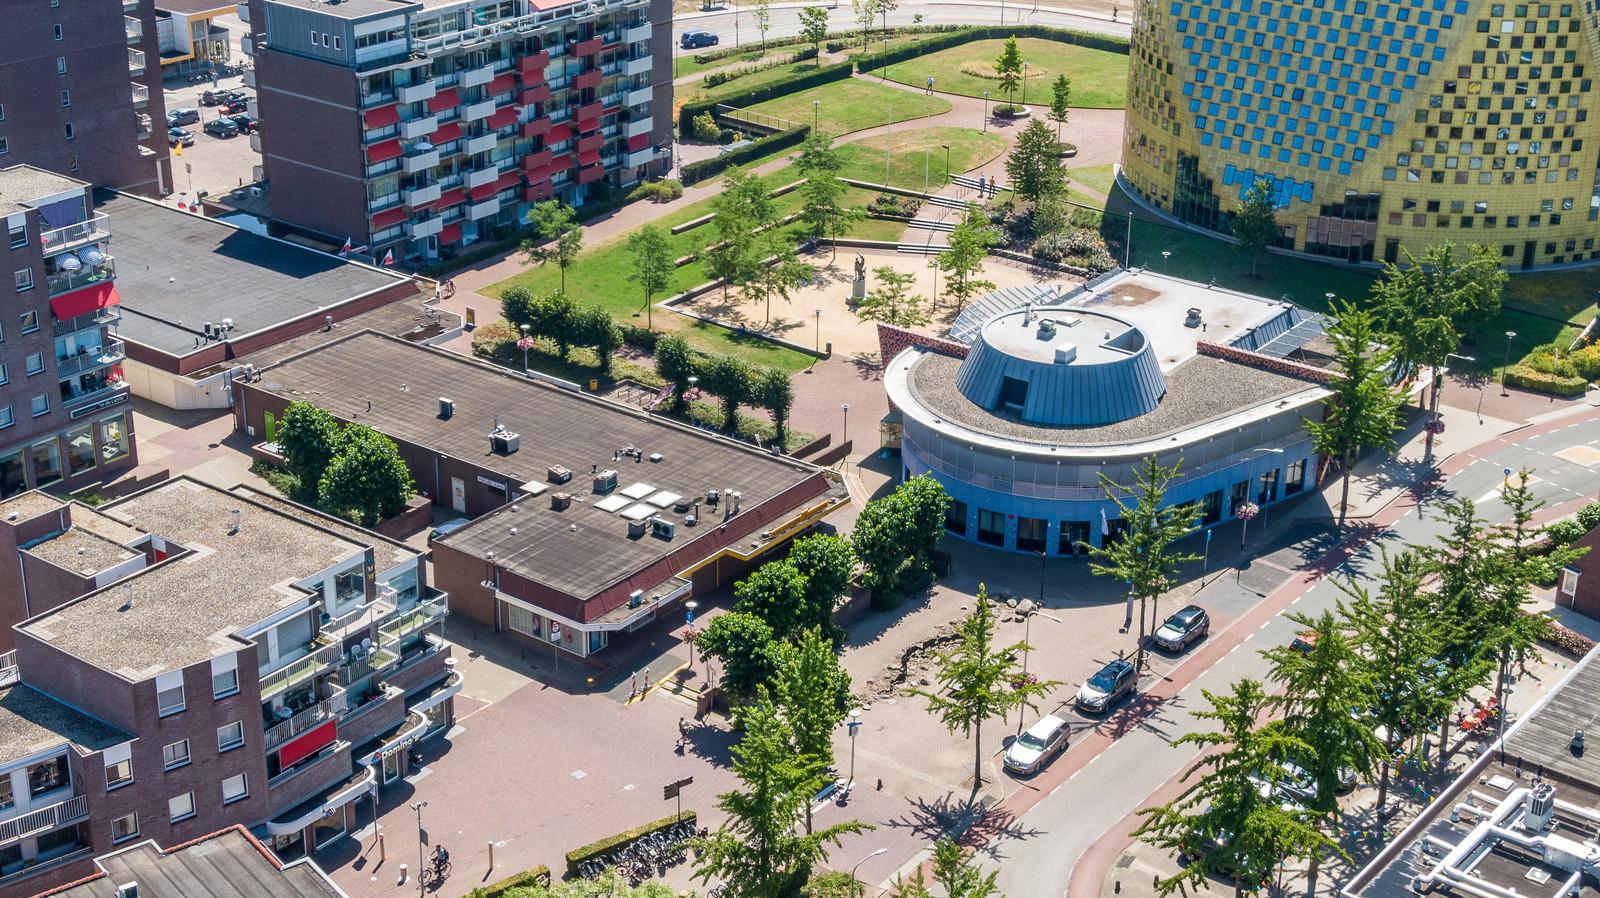 De winkels aan De Spinde (in het complex met een omgekeerde L-vorm) en de oude Rabobank (naast ronde gevel), worden volgens het conceptplan voor de herontwikkeling van het gebied gesloopt.